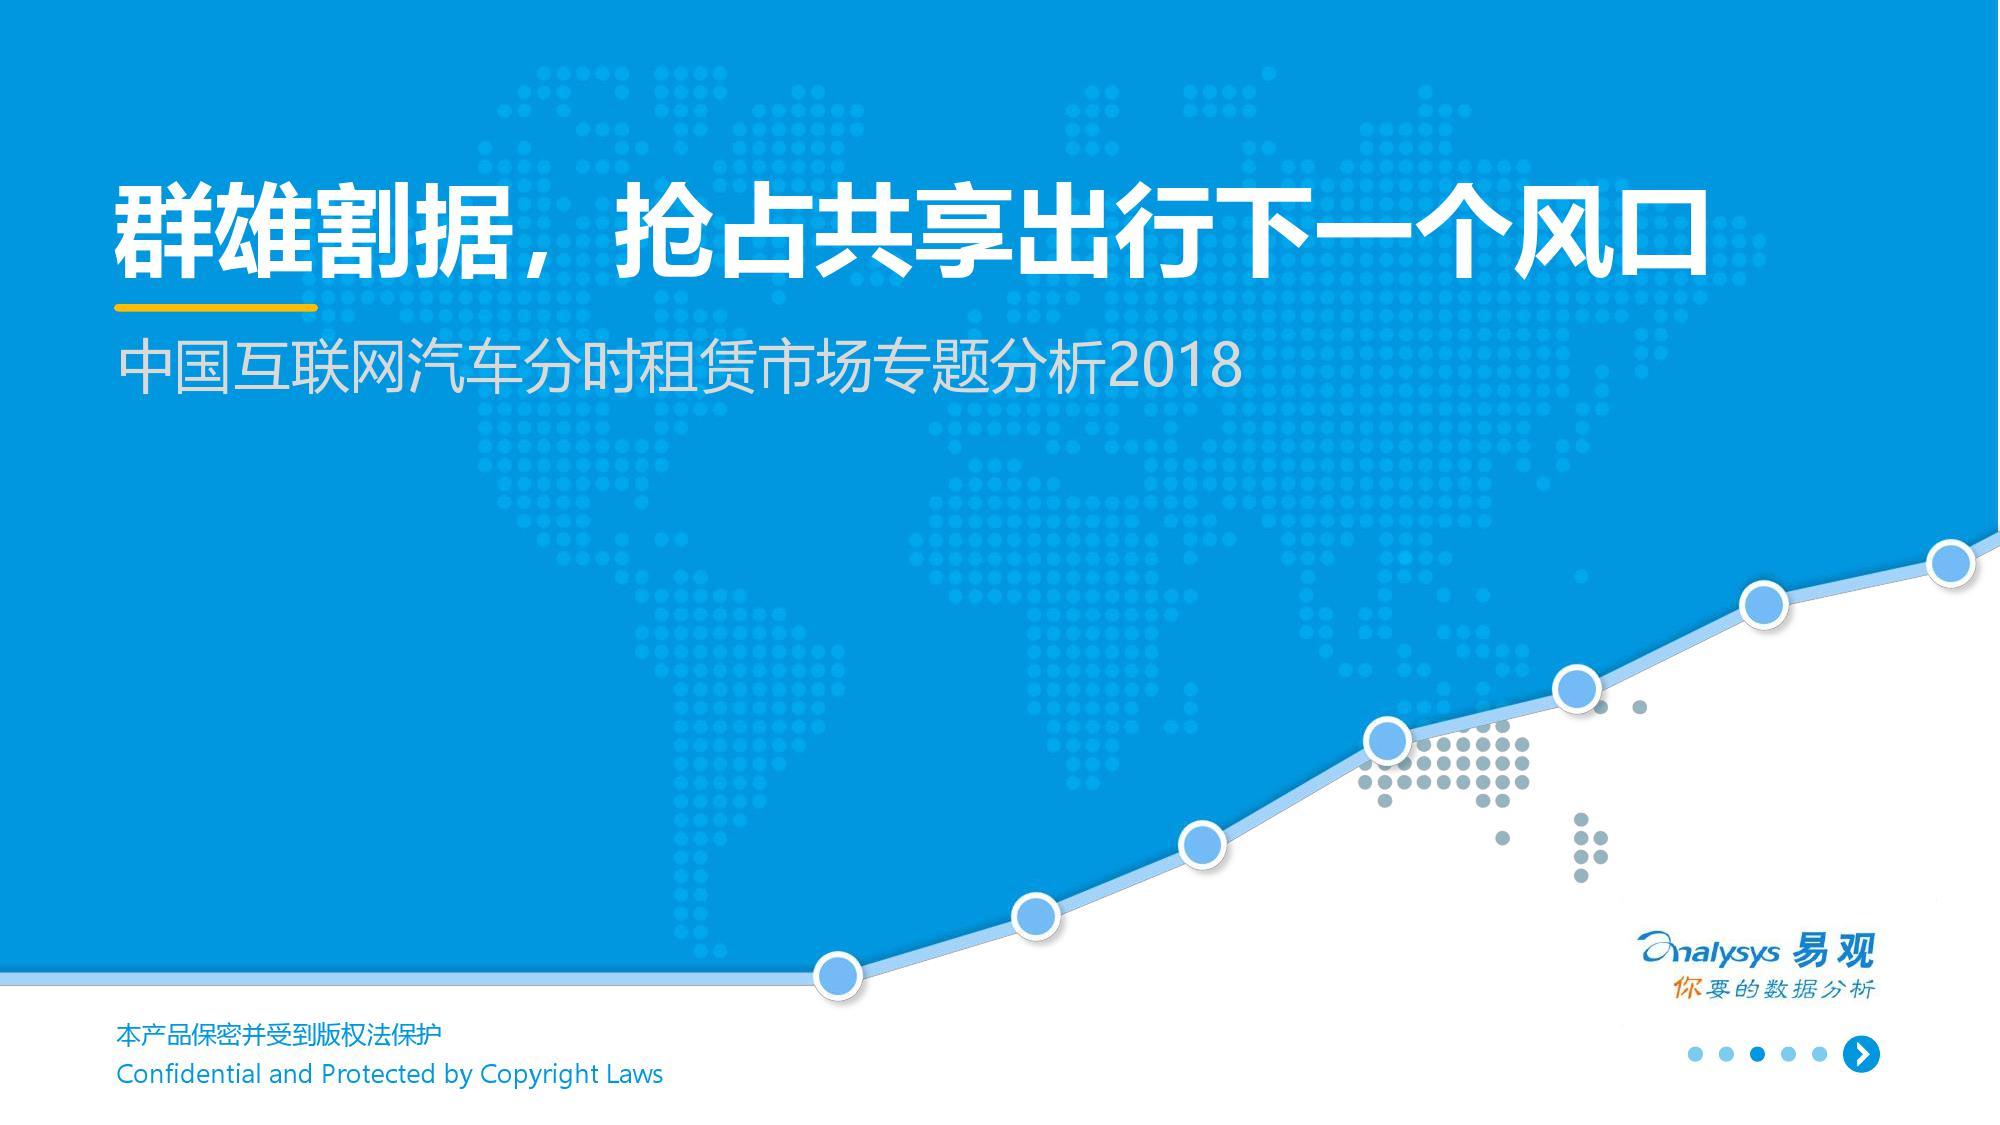 易观:2018中国互联网汽车分时租赁市场专题分析(附下载)